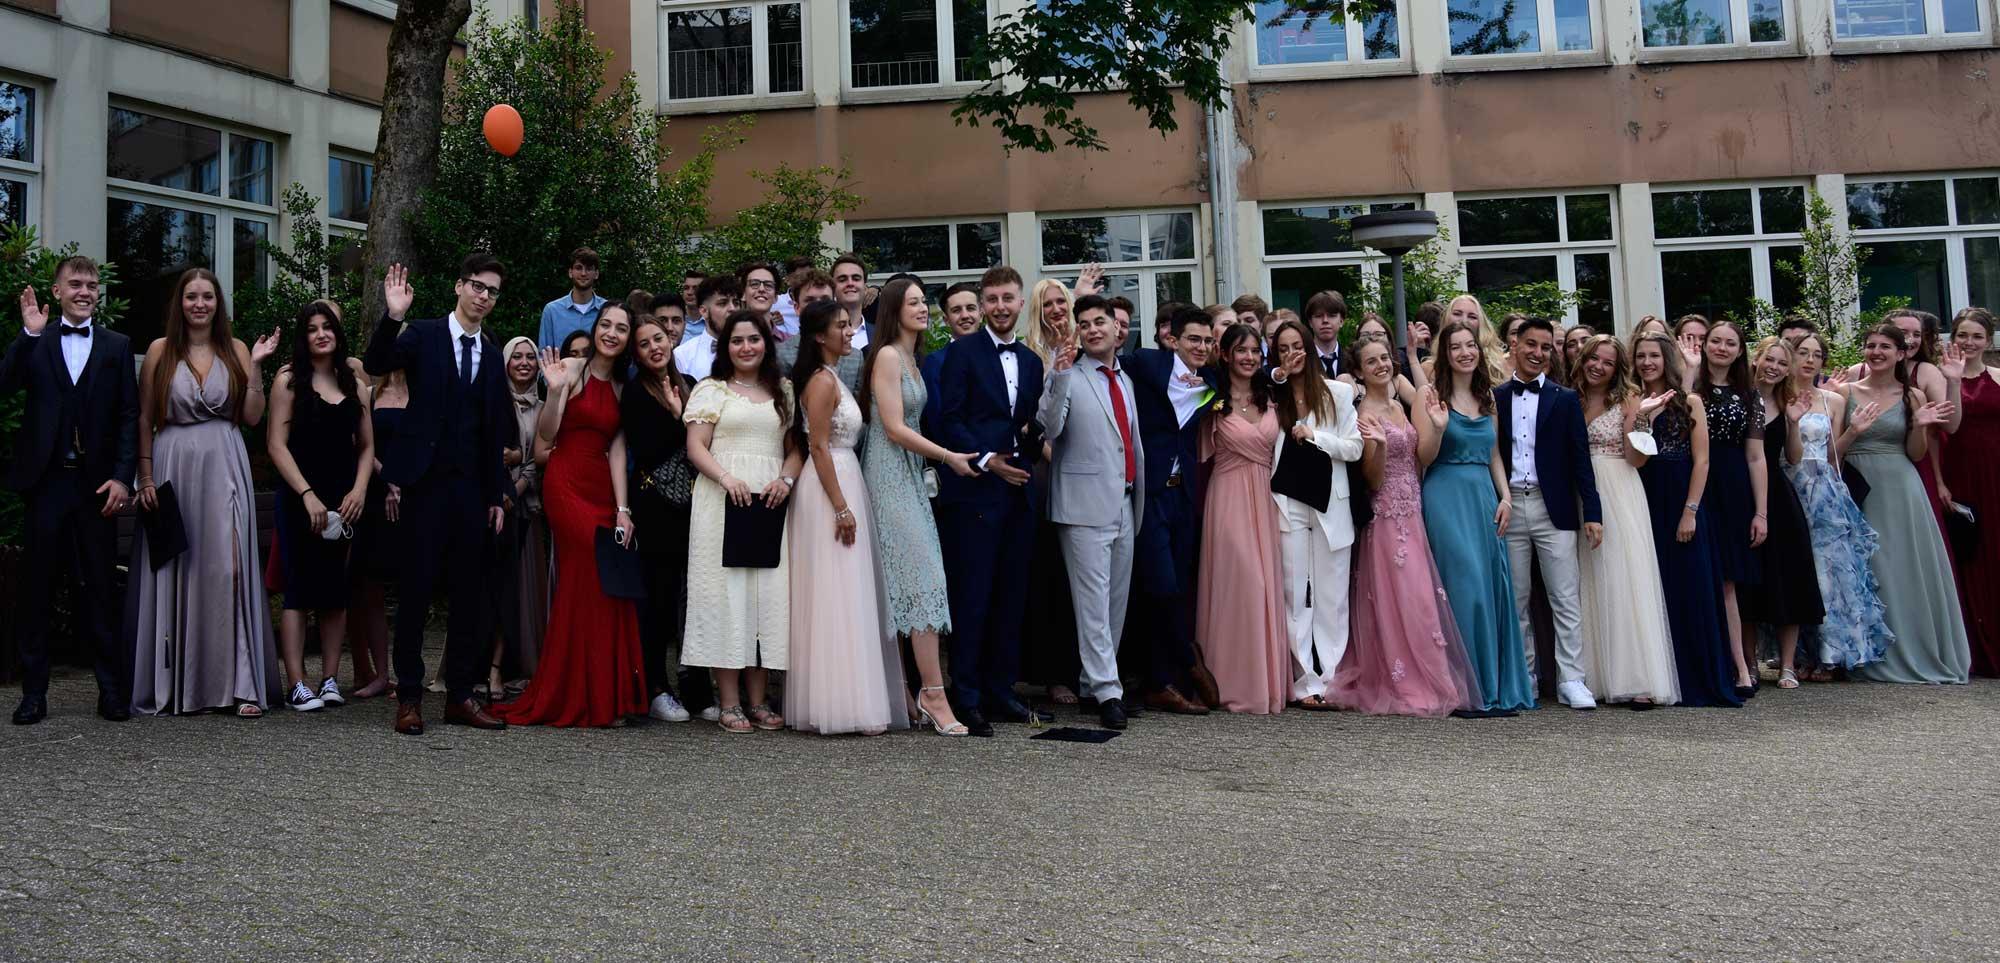 Wir gratulieren dem Abitur-Jahrgang 2021!